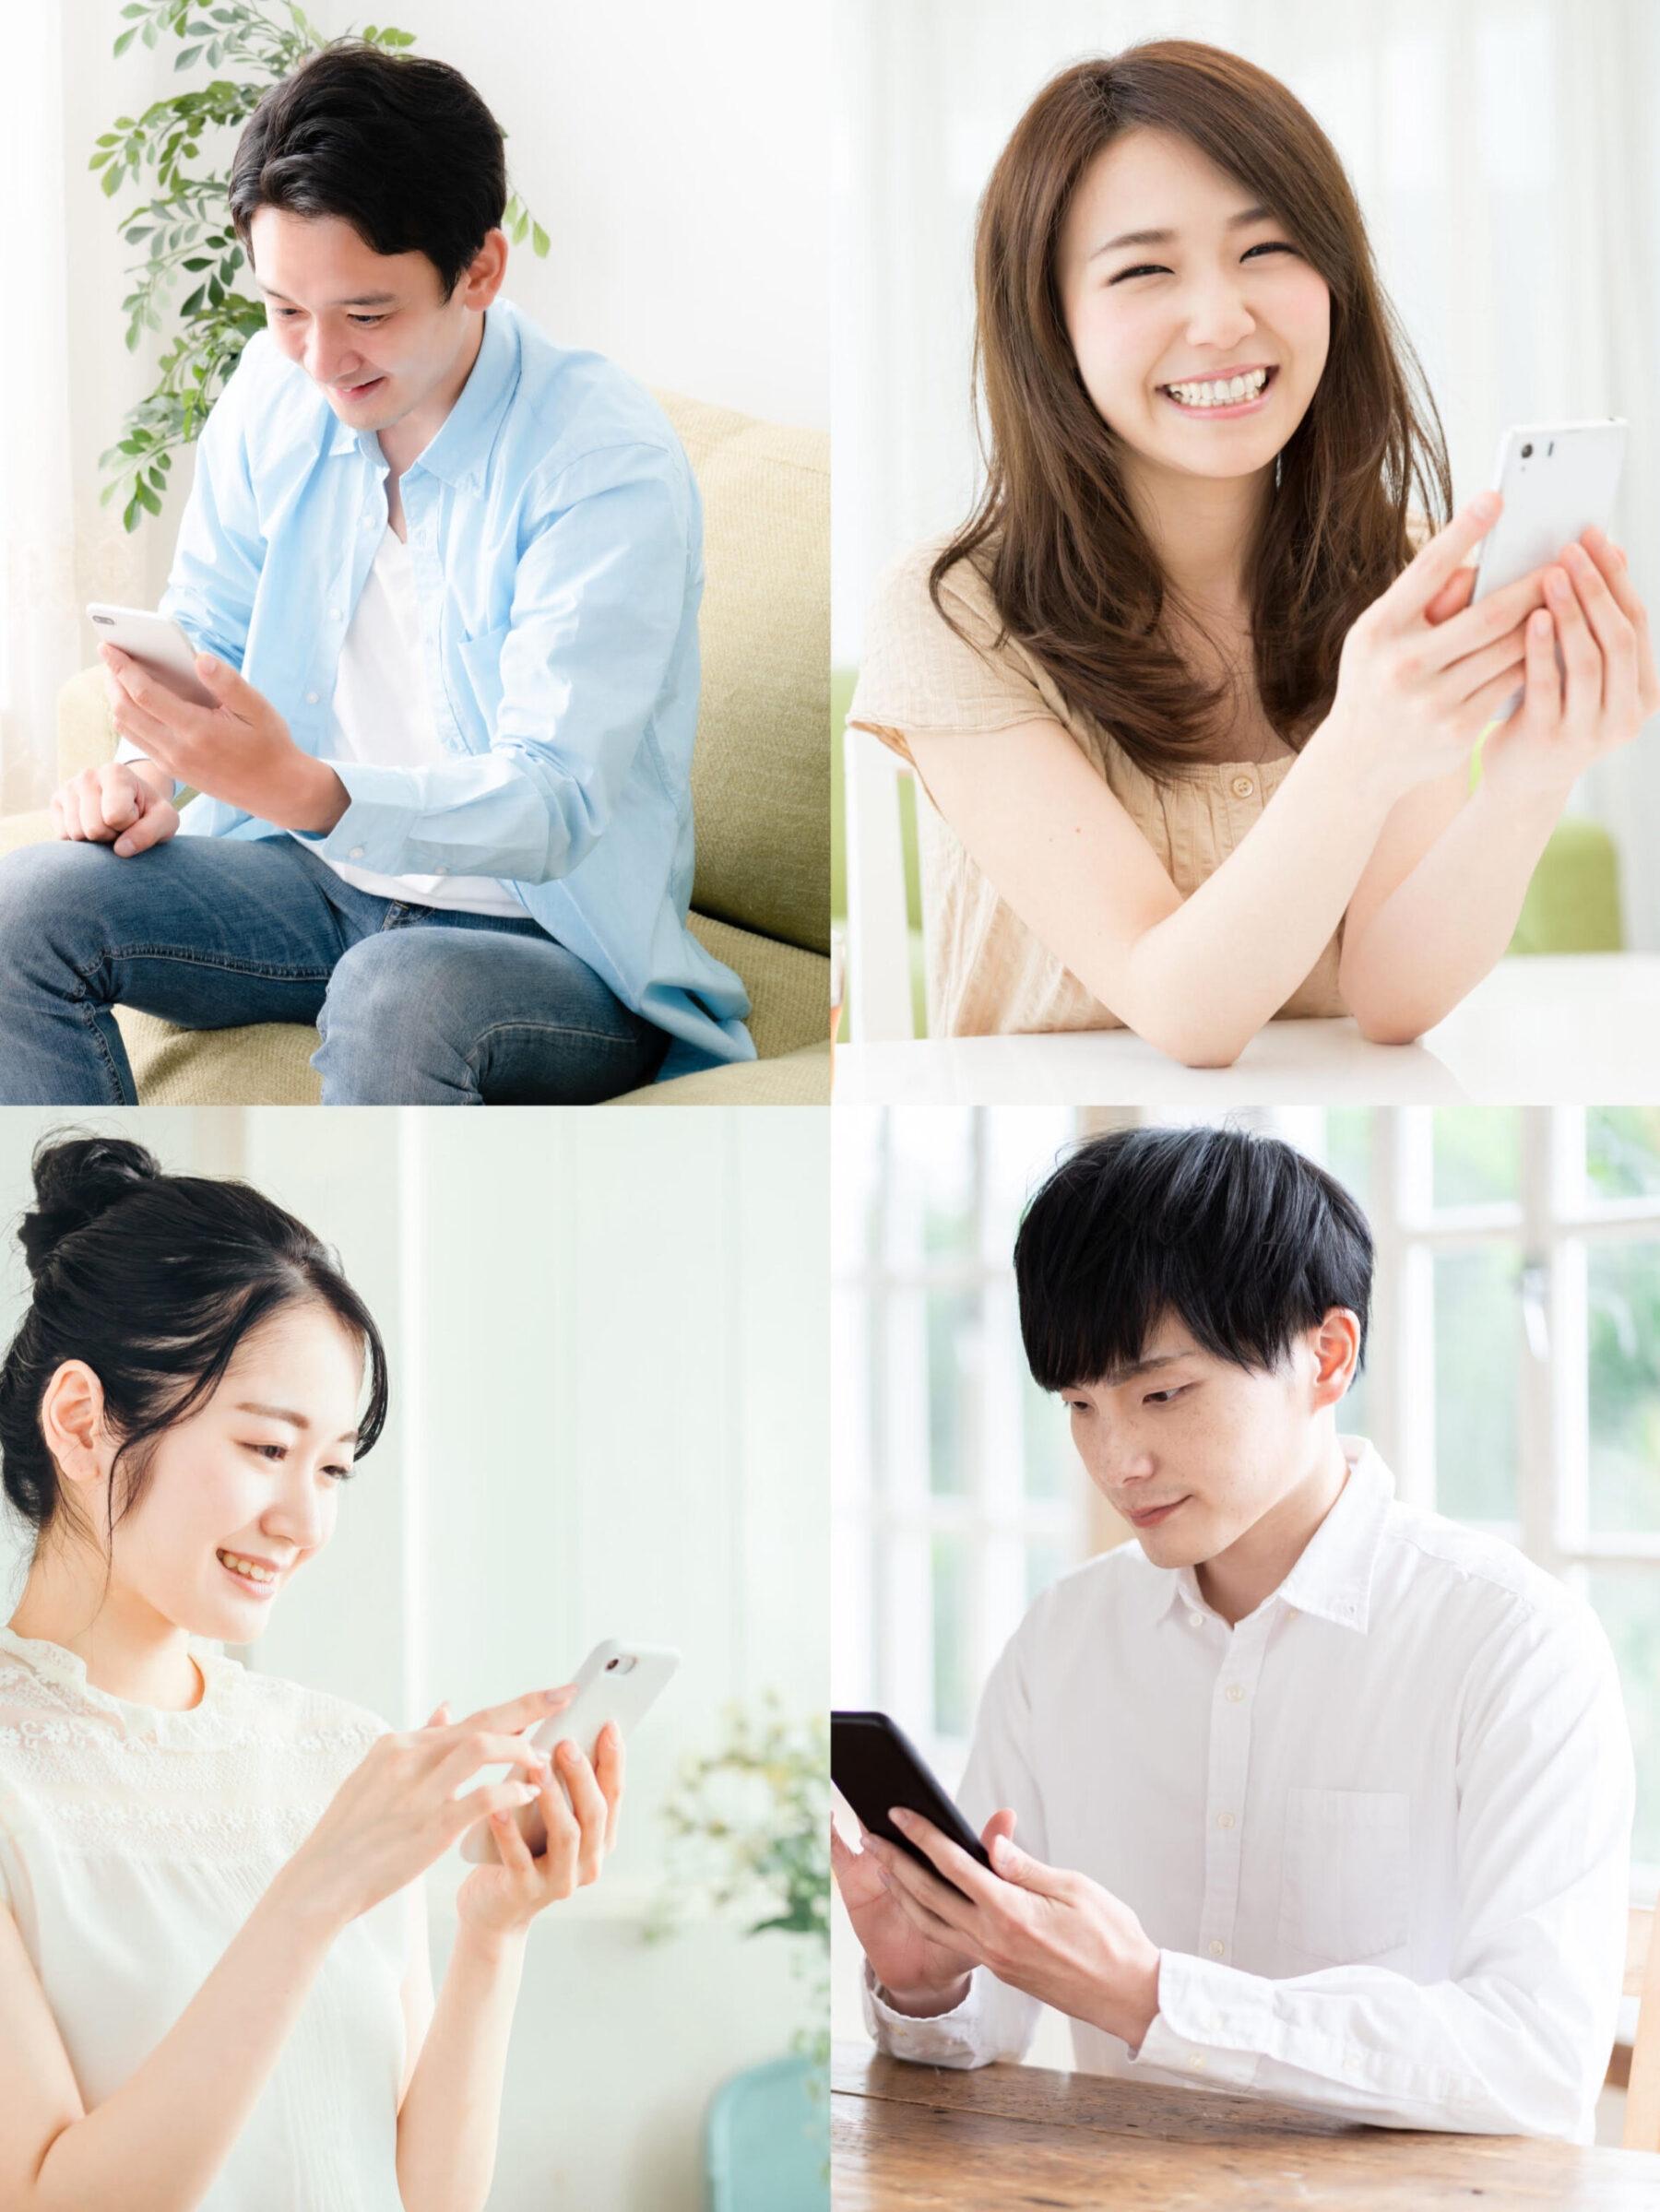 【長崎】 オンラインイベント 「おうち de  めぐりあい」 開催します。